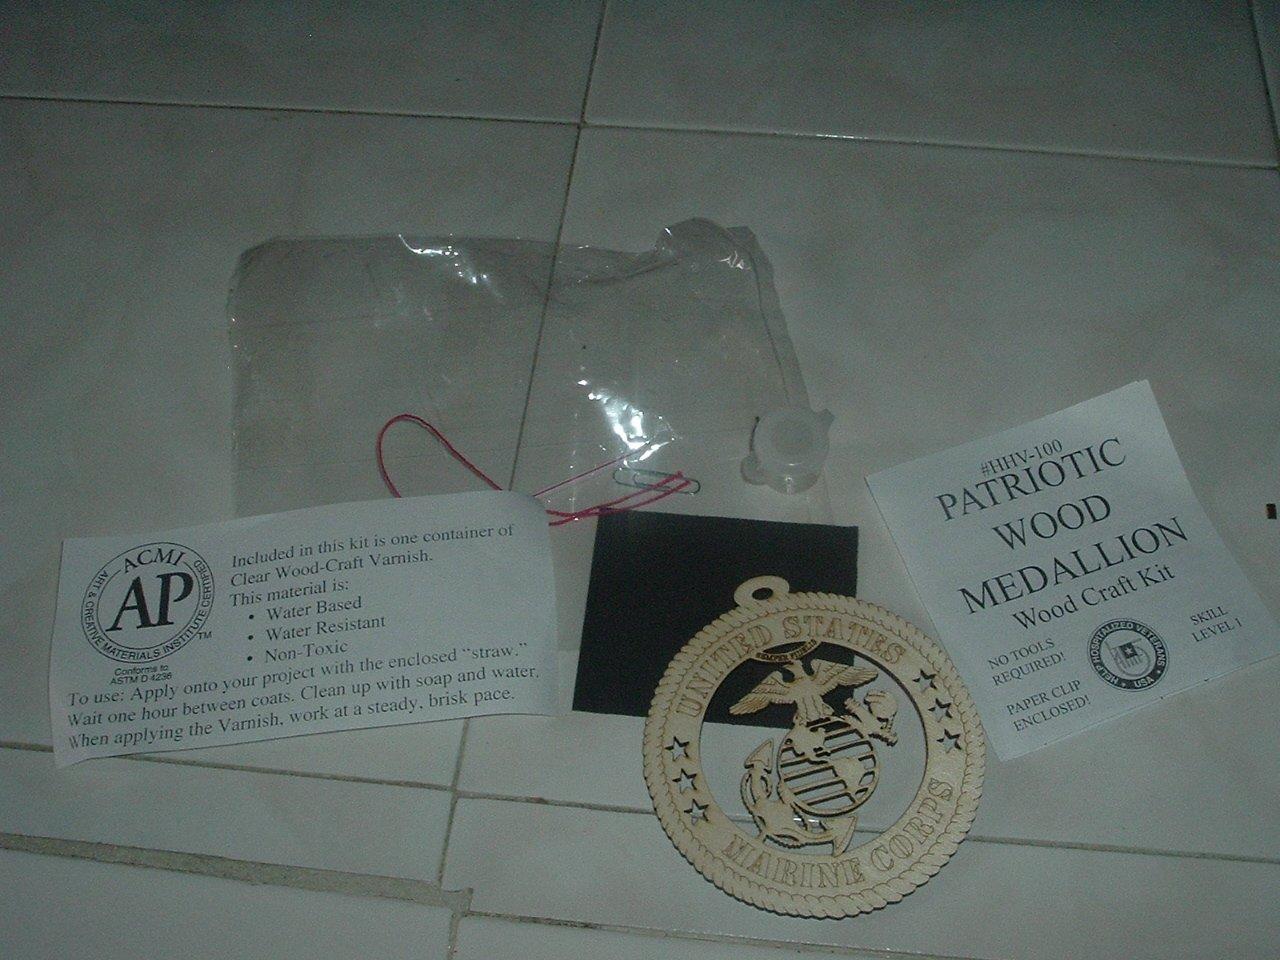 Patriotic Wood Medallion Wood Craft Kit - New